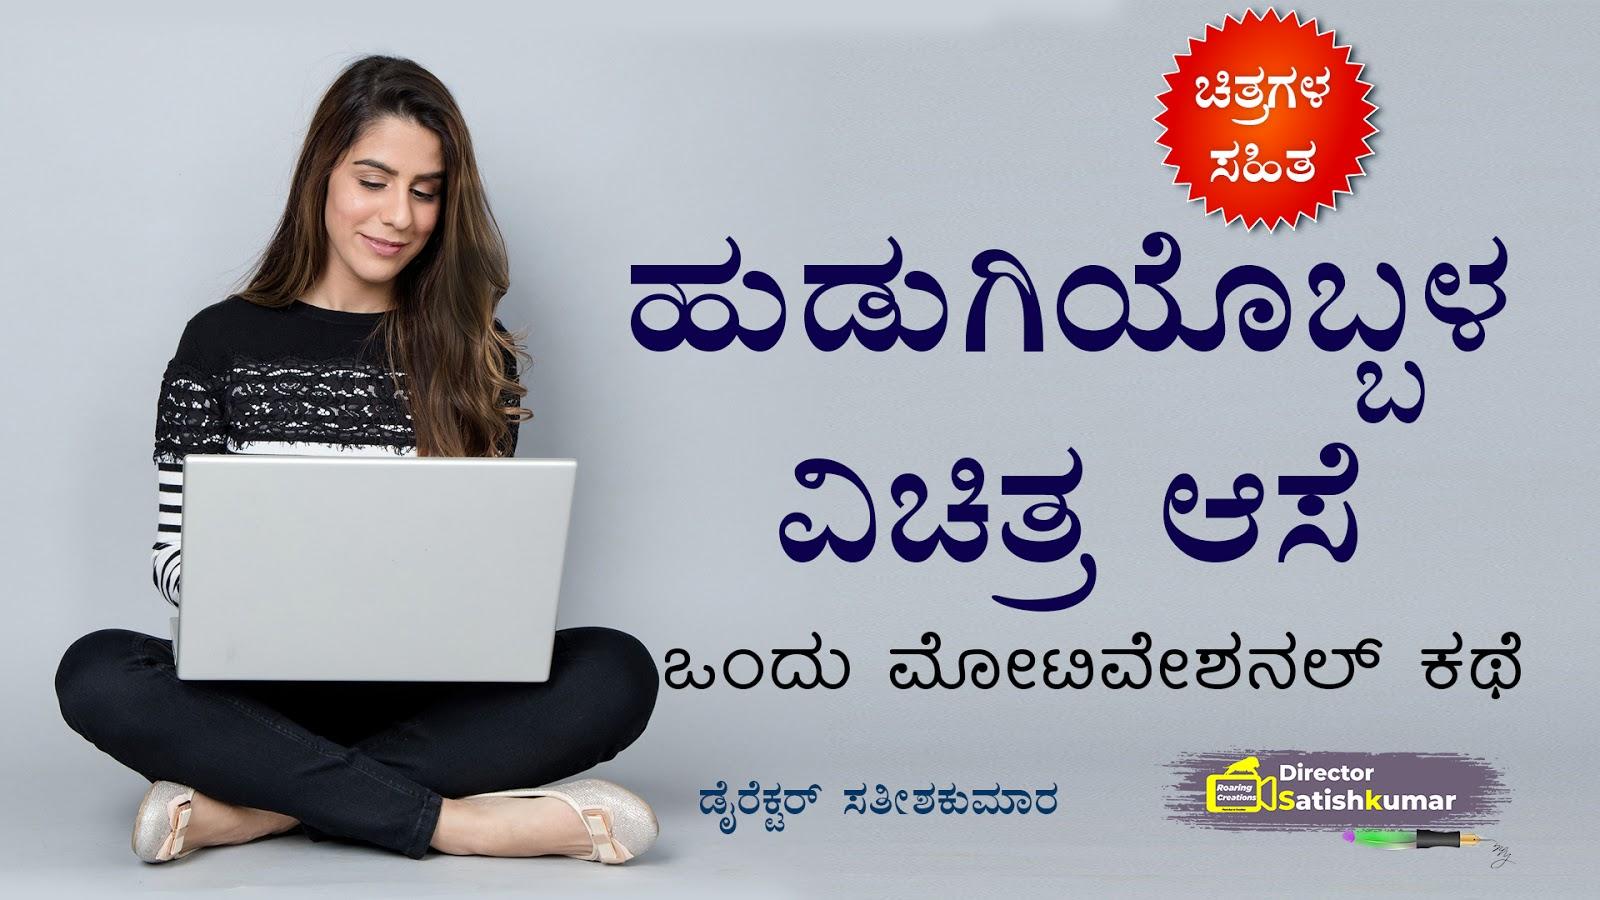 ಹುಡುಗಿಯೊಬ್ಬಳ ವಿಚಿತ್ರ ಆಸೆ : ಒಂದು ಮೋಟಿವೇಶನಲ್ ಕಥೆ ಕಥೆ - One Motivational Story for Women in Kannada - ಕನ್ನಡ ಕಥೆ ಪುಸ್ತಕಗಳು - Kannada Story Books -  E Books Kannada - Kannada Books